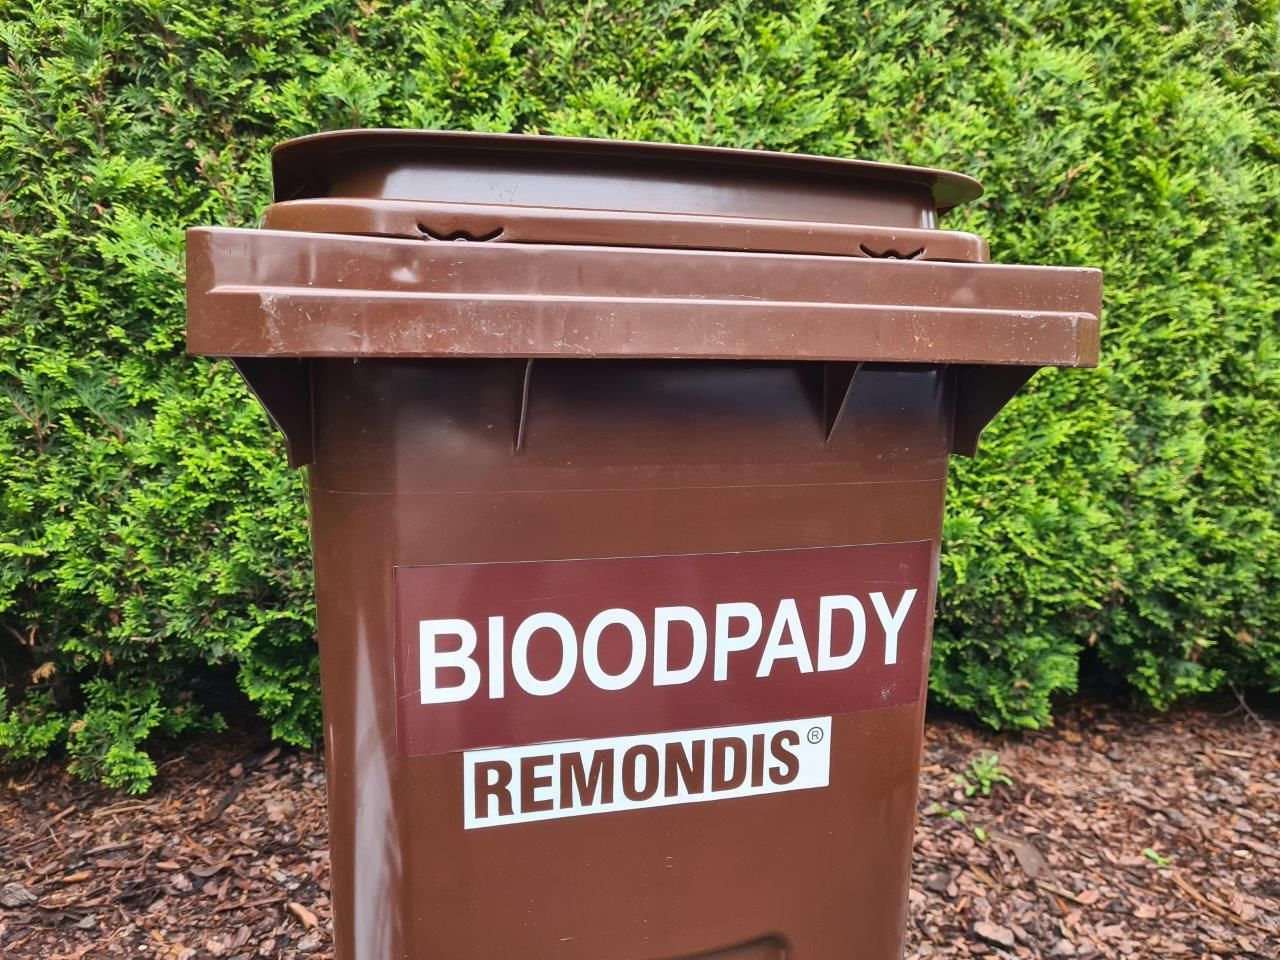 Trwa dystrybucja pojemników na bioodpady